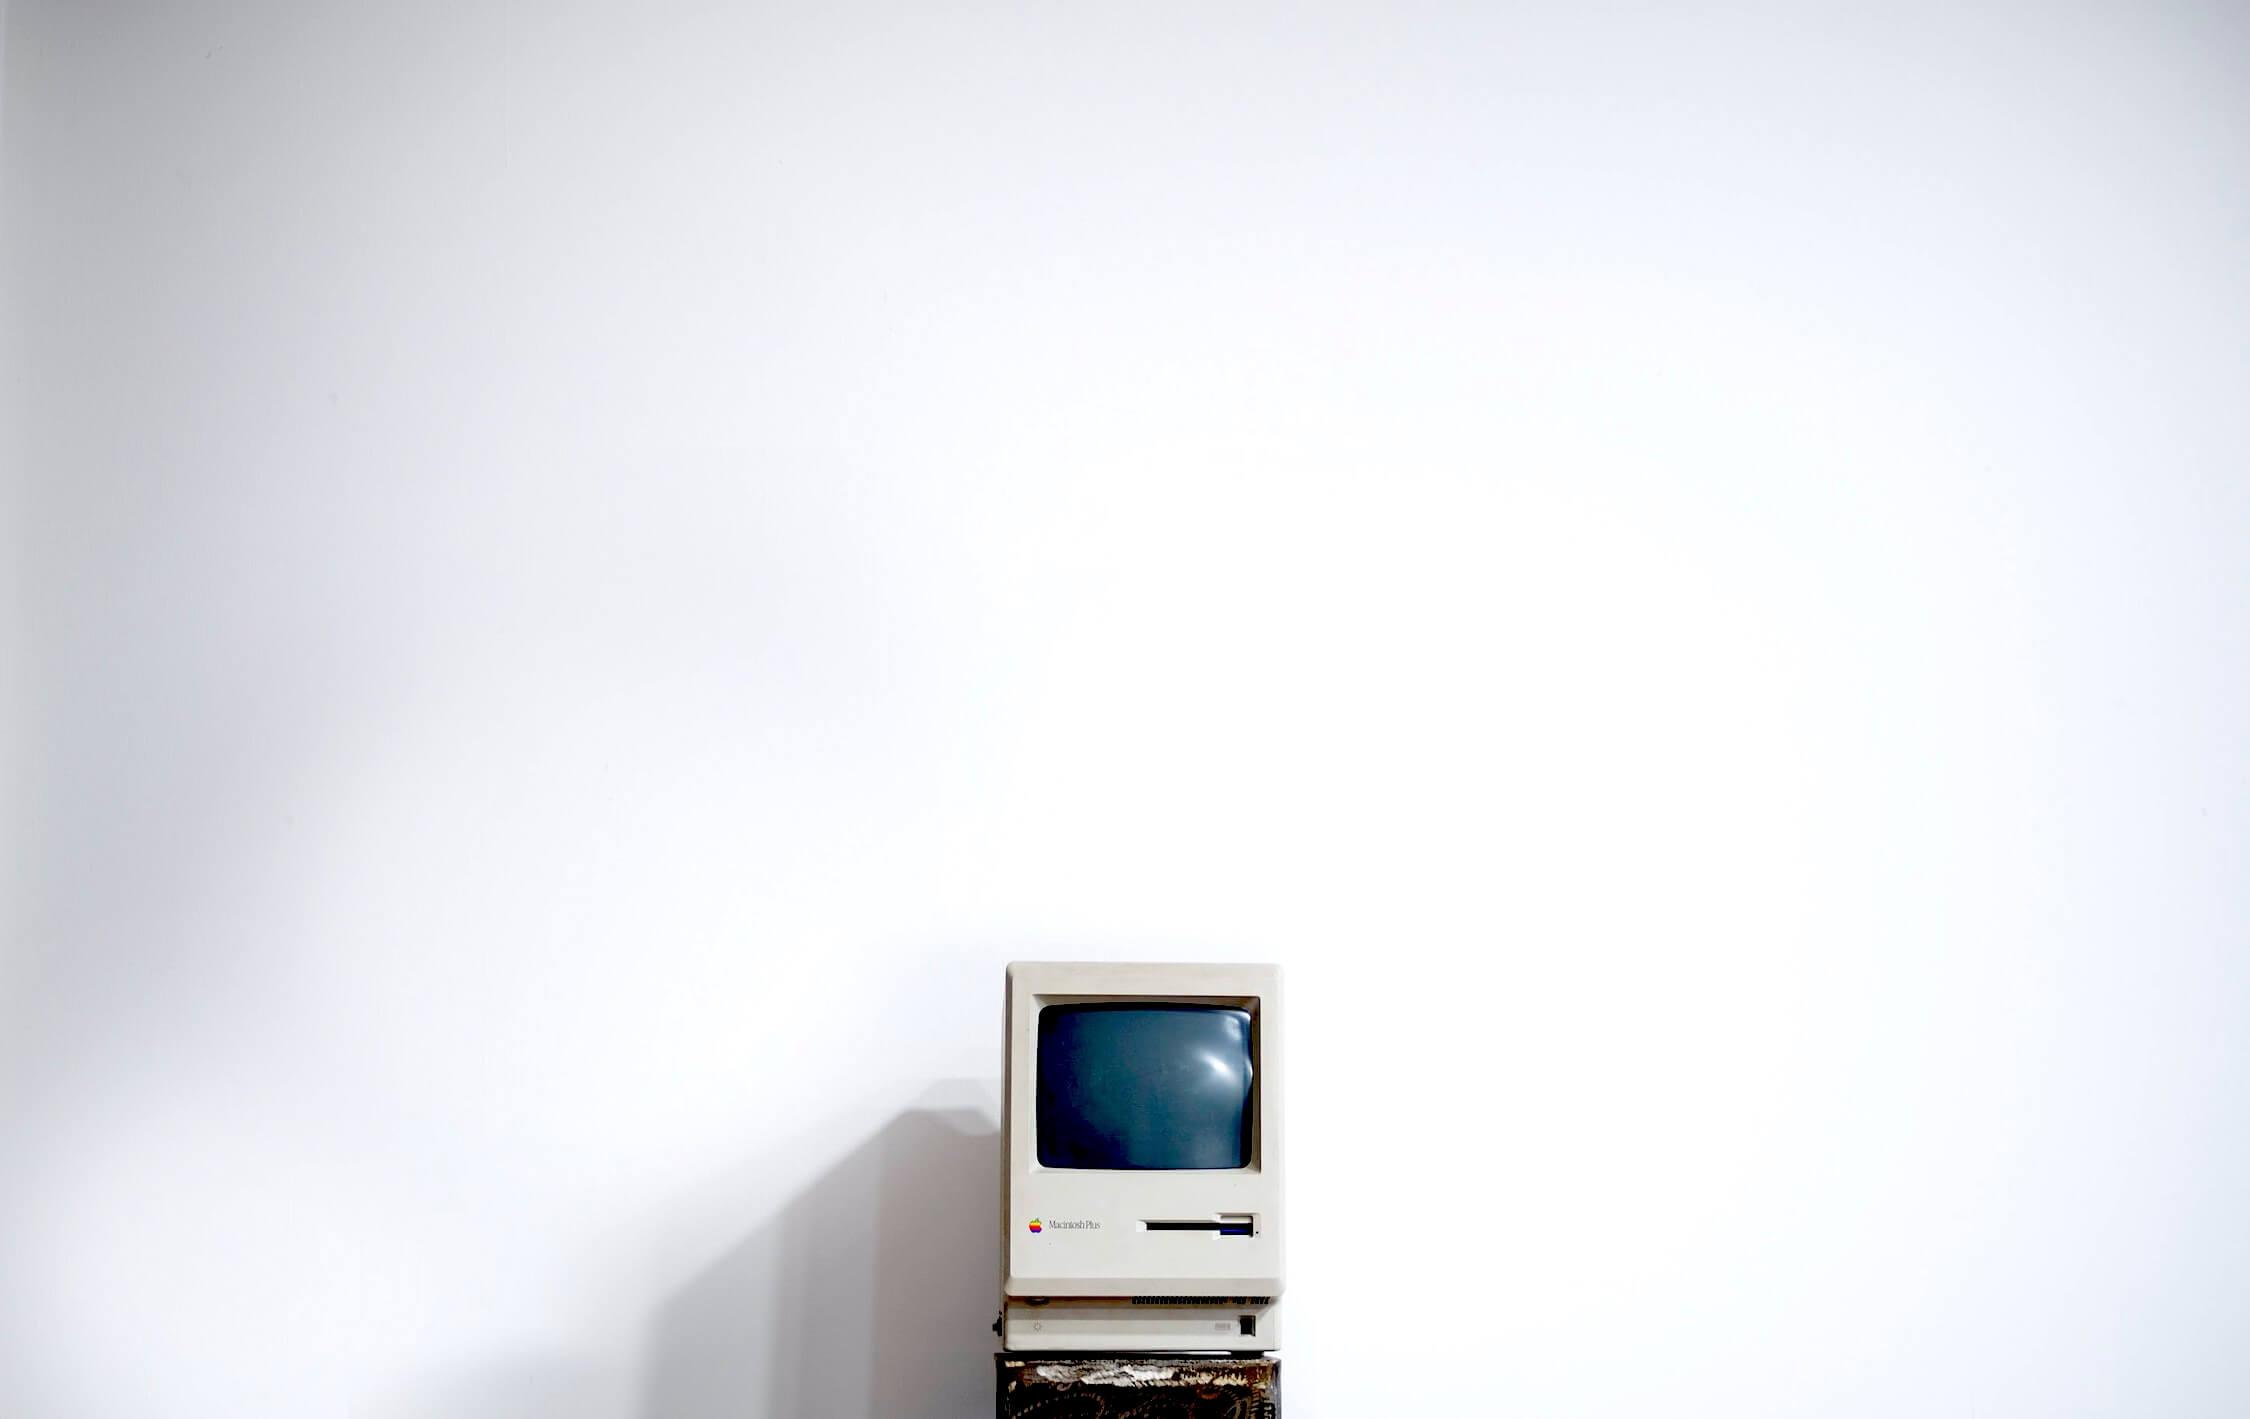 История образовательного ПО: развитие персональных компьютеров и виртуальные преподаватели